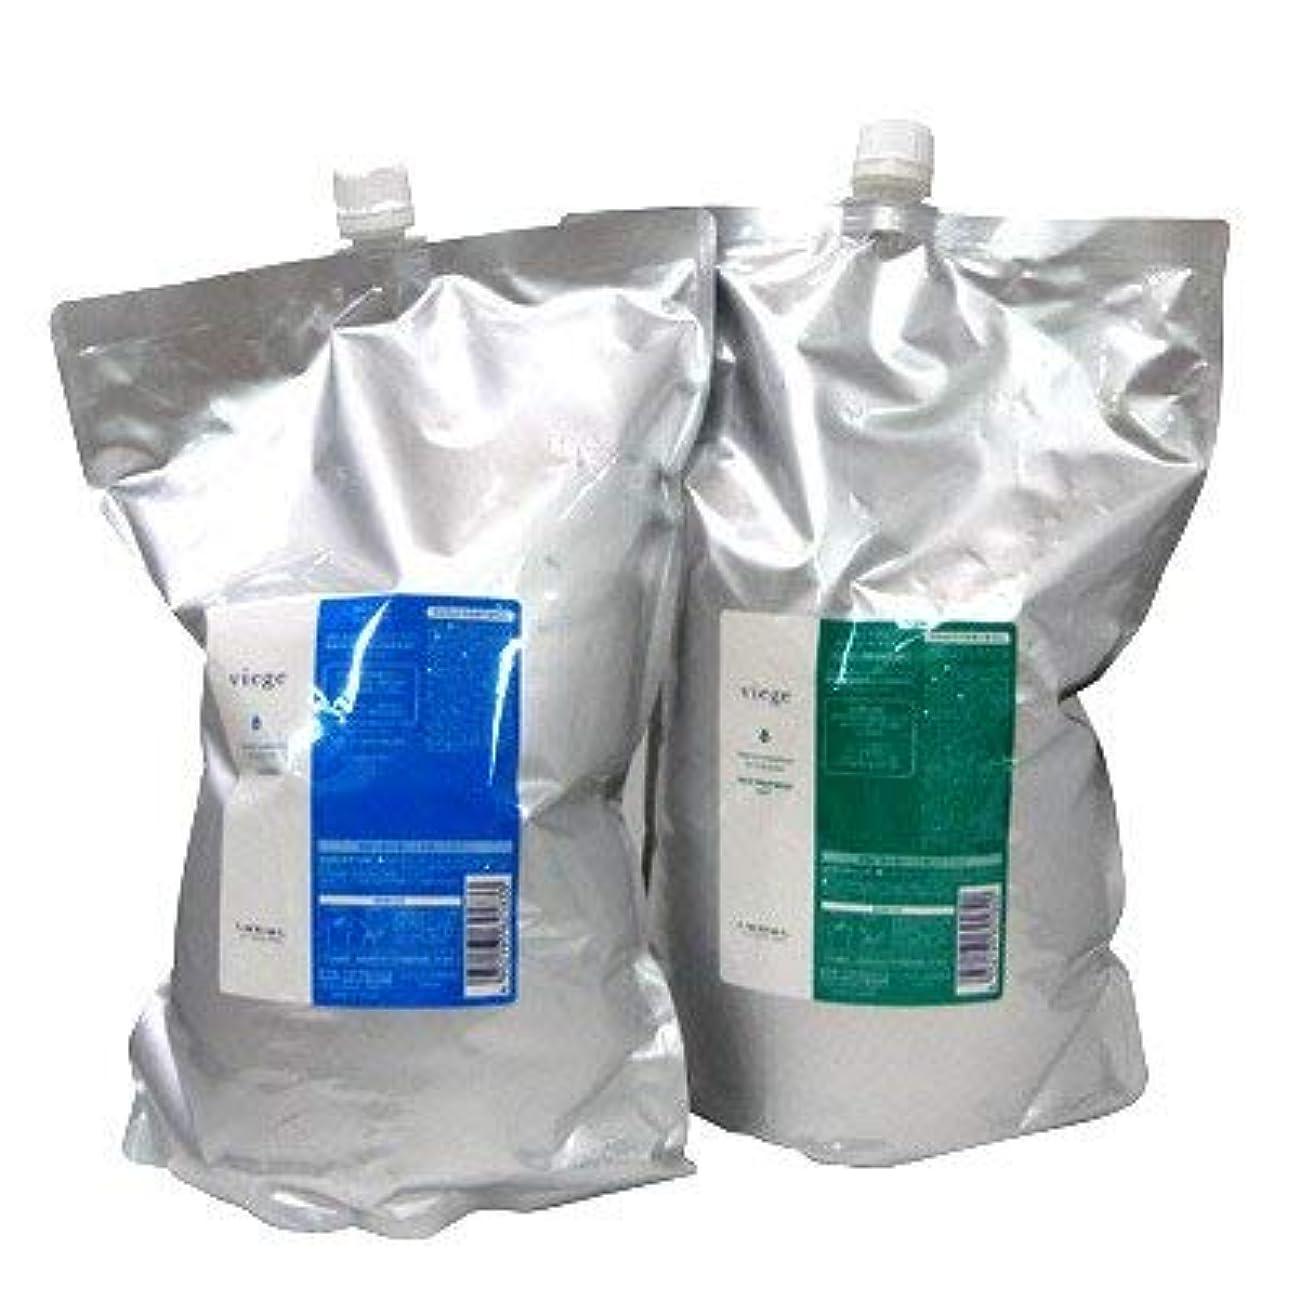 硫黄サイバースペース怒るルベル ヴィージェ シャンプー/ トリートメントS2.5LR(ソフト)セット